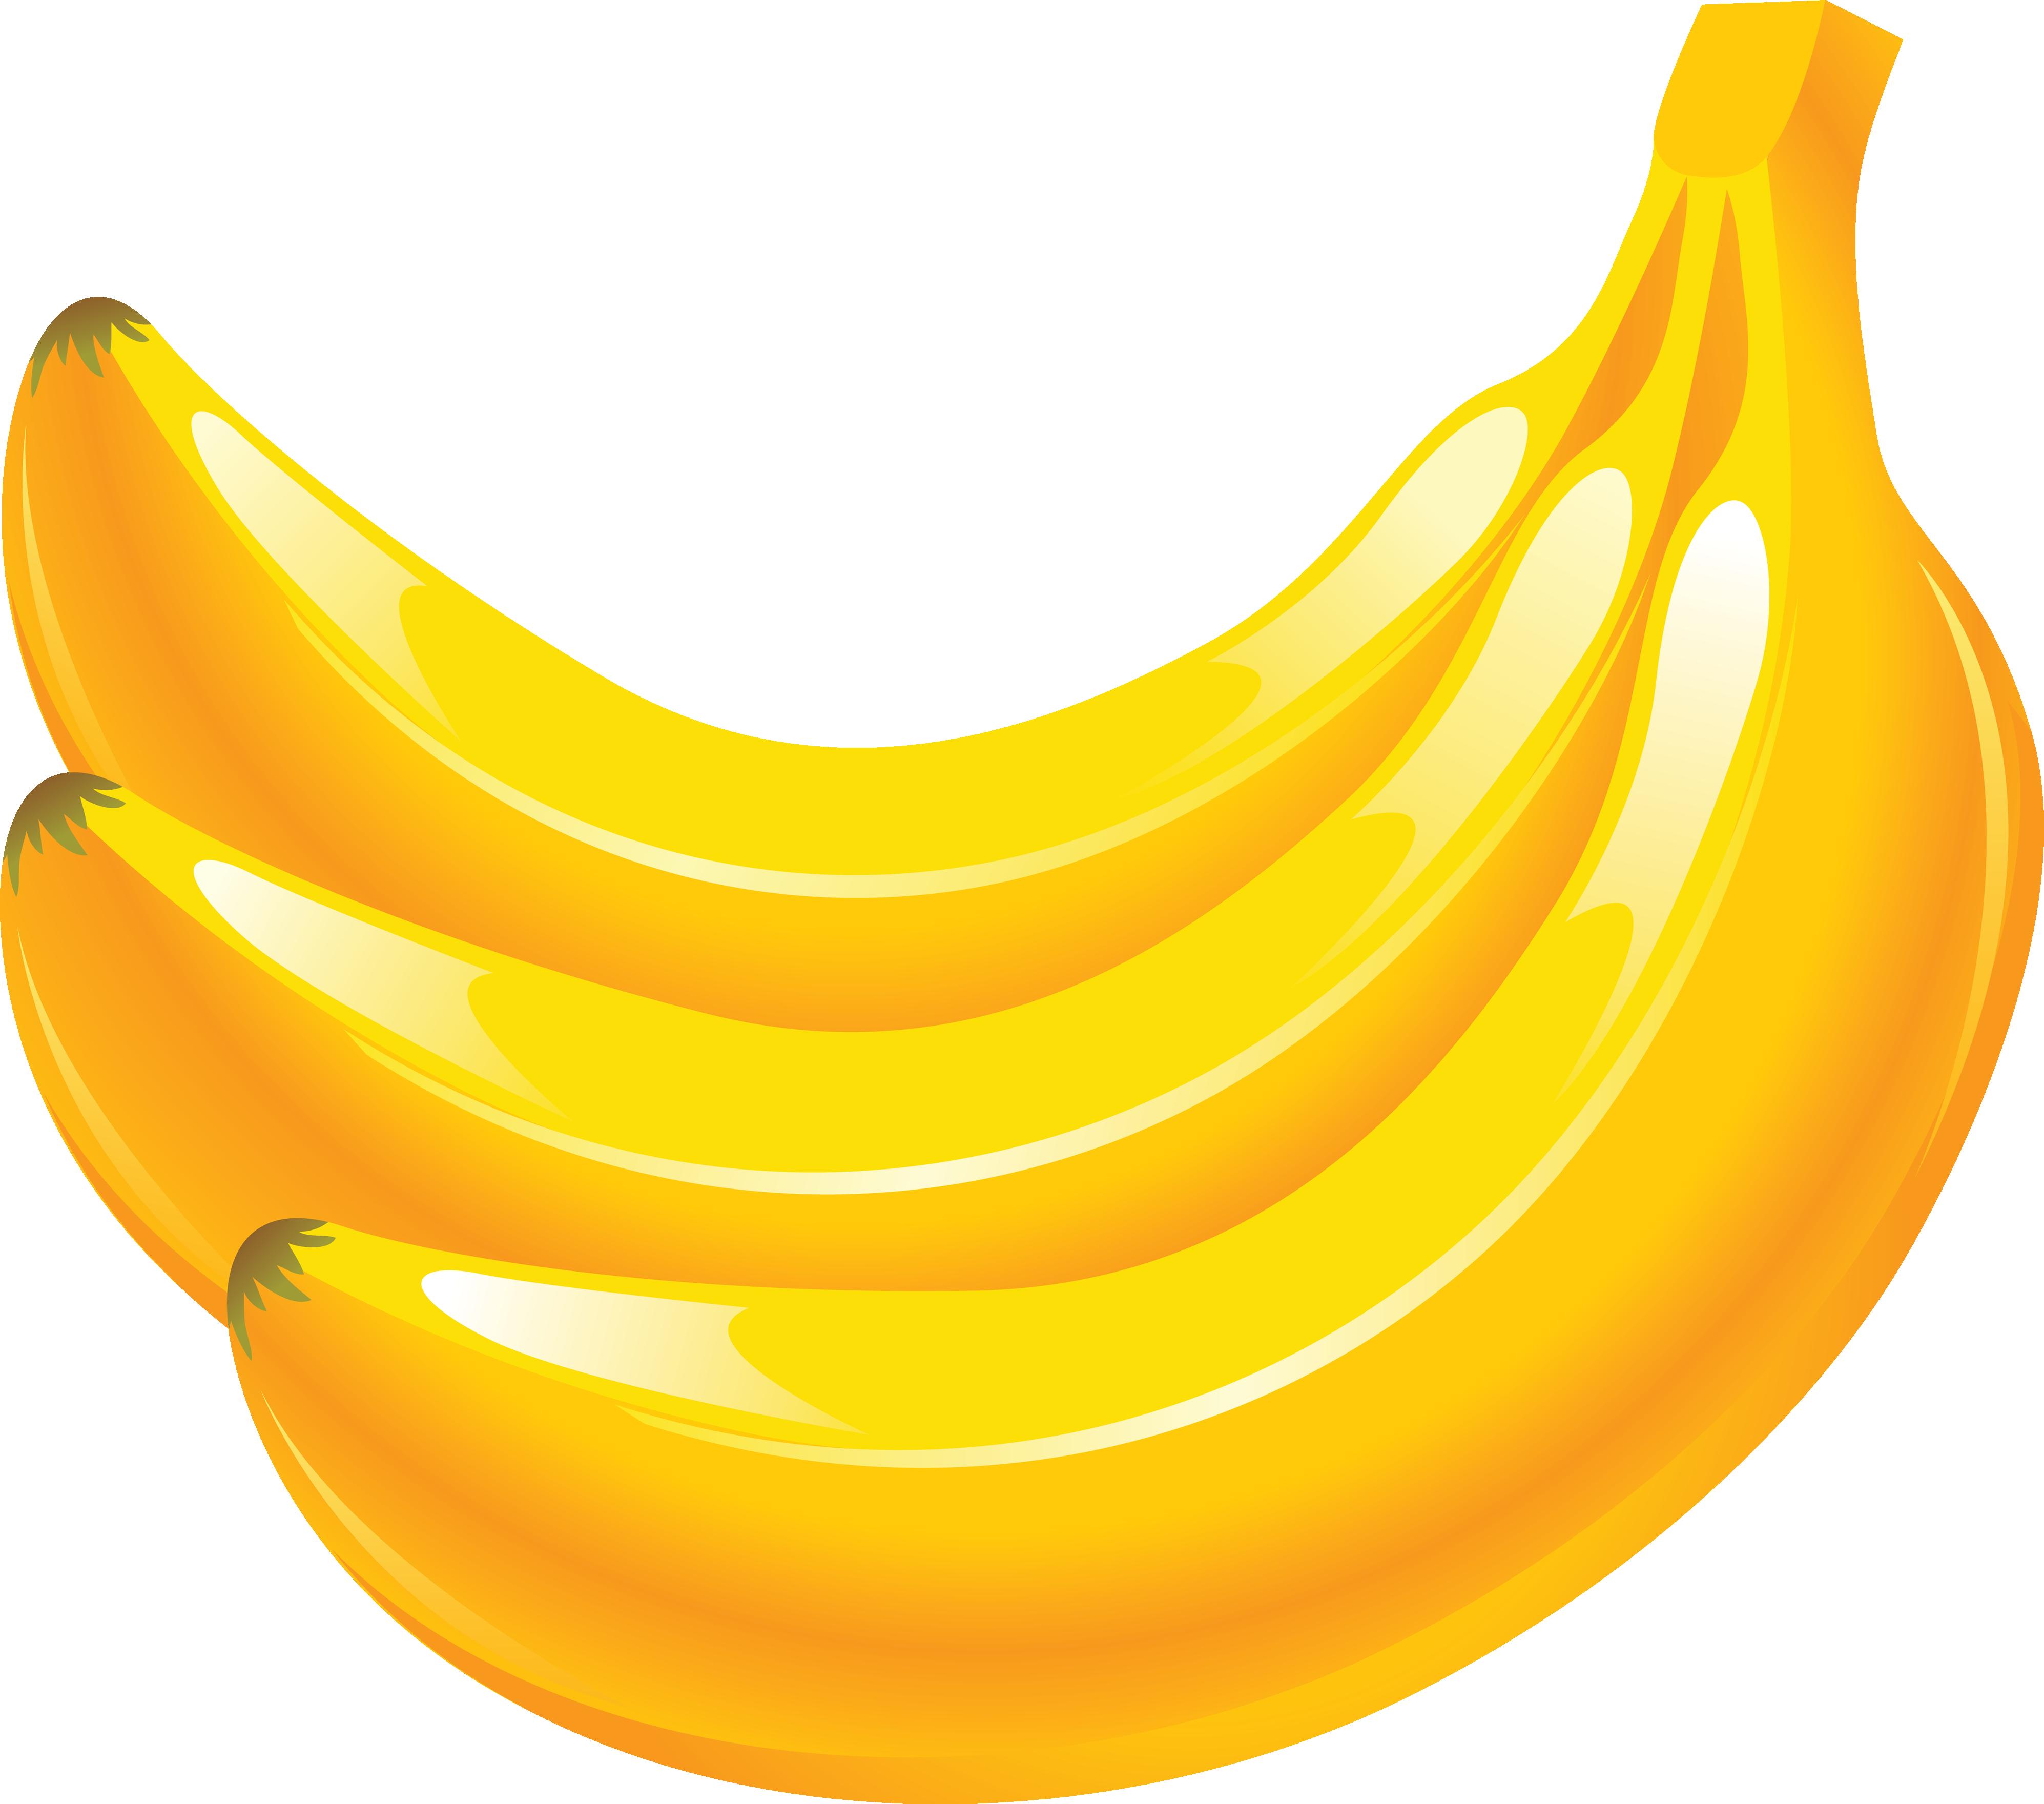 Free banana images.